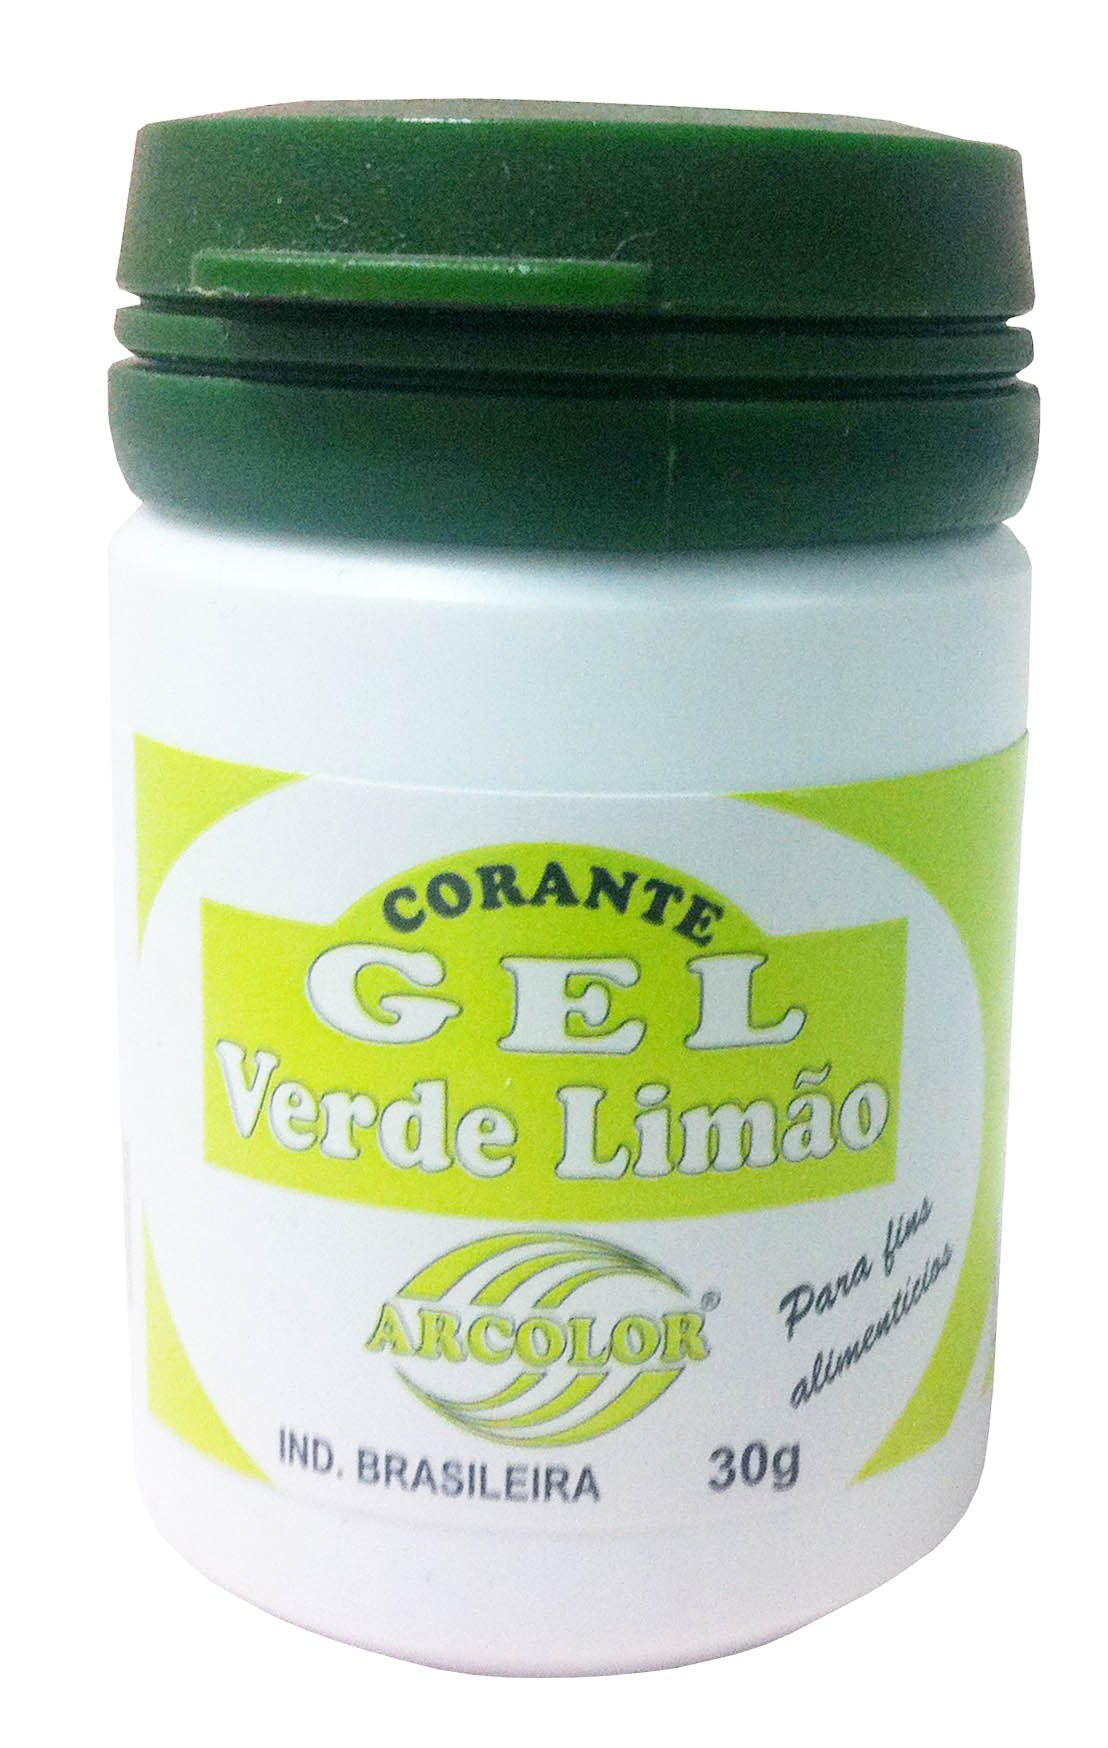 Corante Gel Verde Limão 30g Arcolor